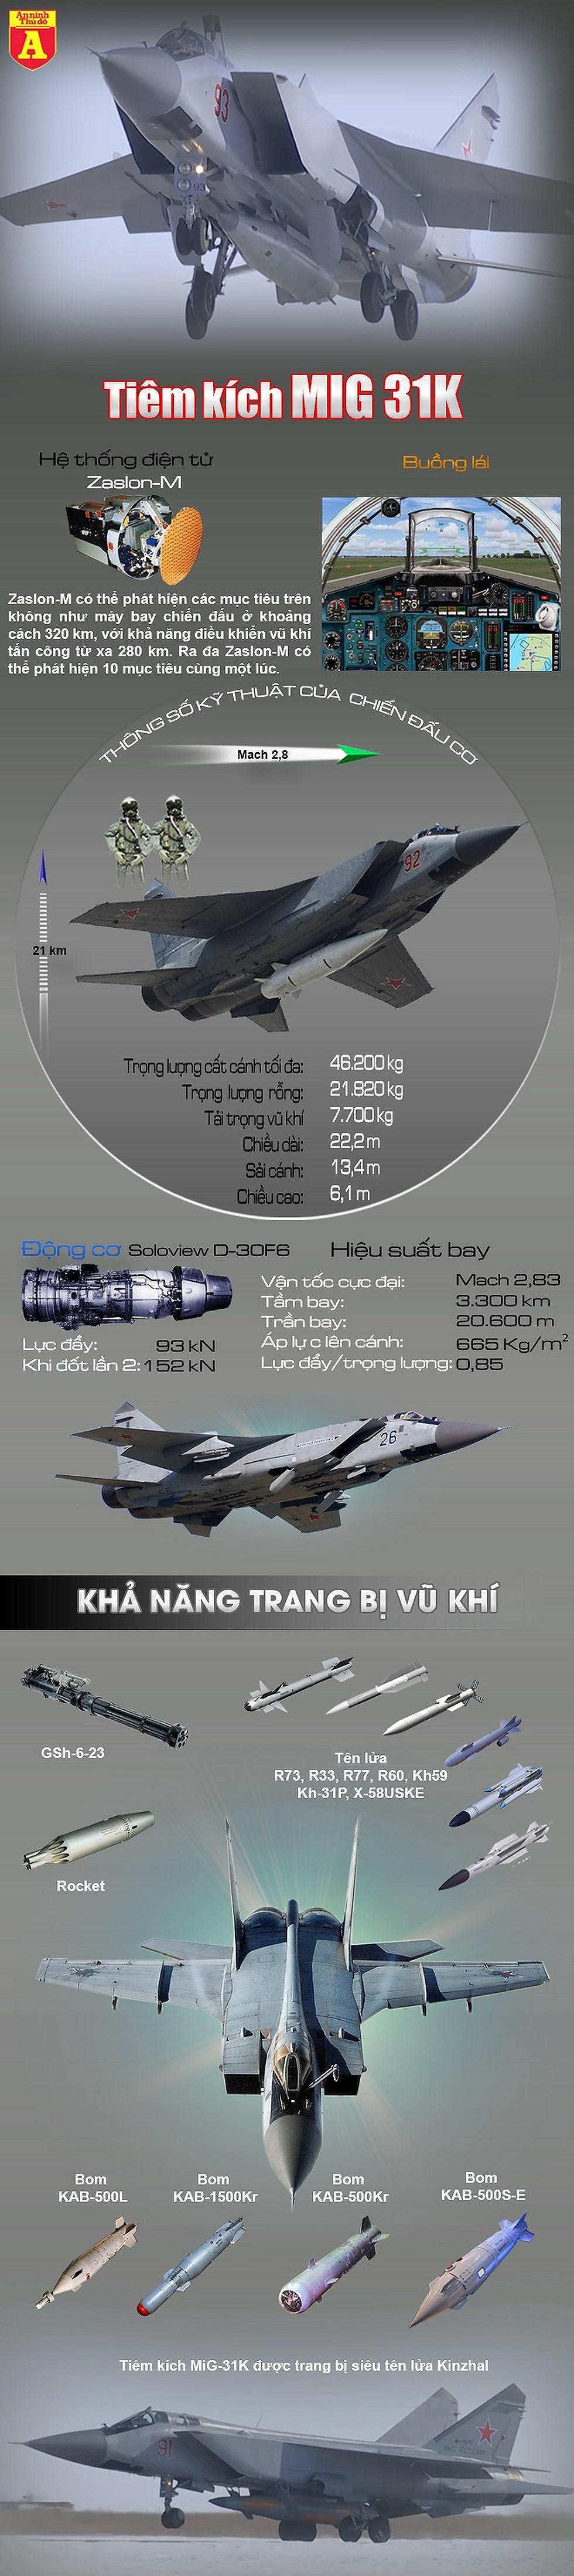 """[Infographic] Nga tiếp tục cho MiG-31K mang """"dao găm"""" Kh-47 tái xuất - Ảnh 1"""